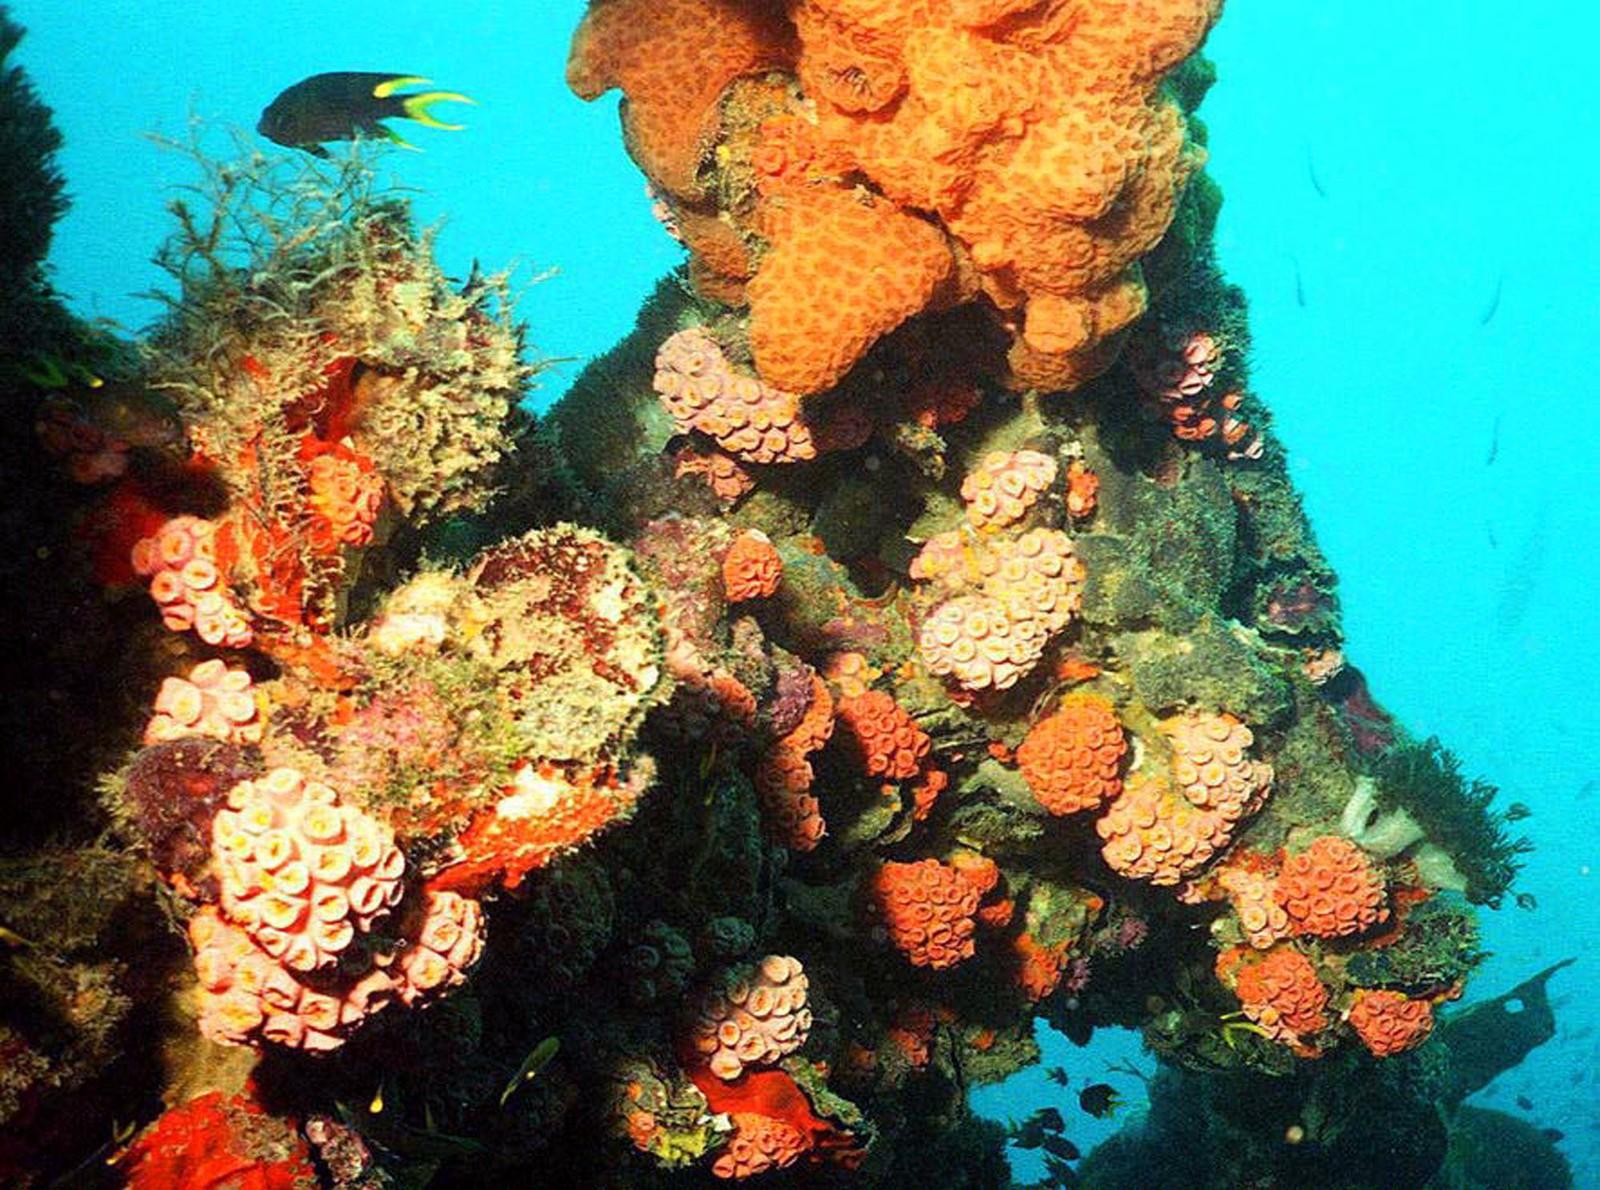 Et bilde fra 1998 viser korallrev utenfor Queensland i Australia. De over 2.900 revne Great Barrier Rief består av, mistet fargen som følge av varmere hav i 1998, 2002. I 2016 har minst halvparten av verdens største korallrev mistet fargene.